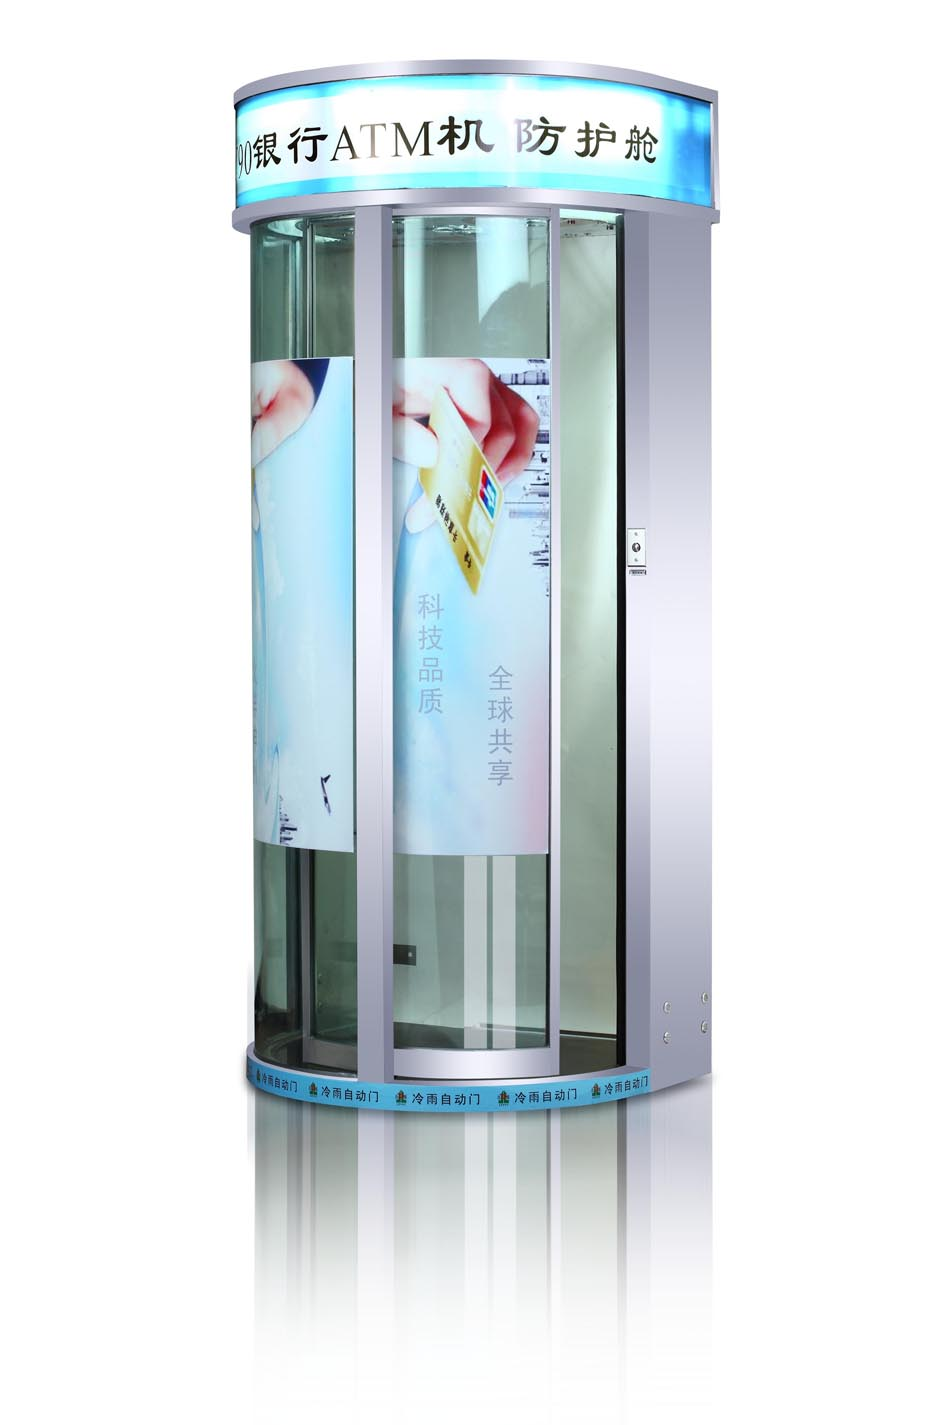 供应ATM防护舱、自助柜员机安全防护亭、LEY90弧形自动门